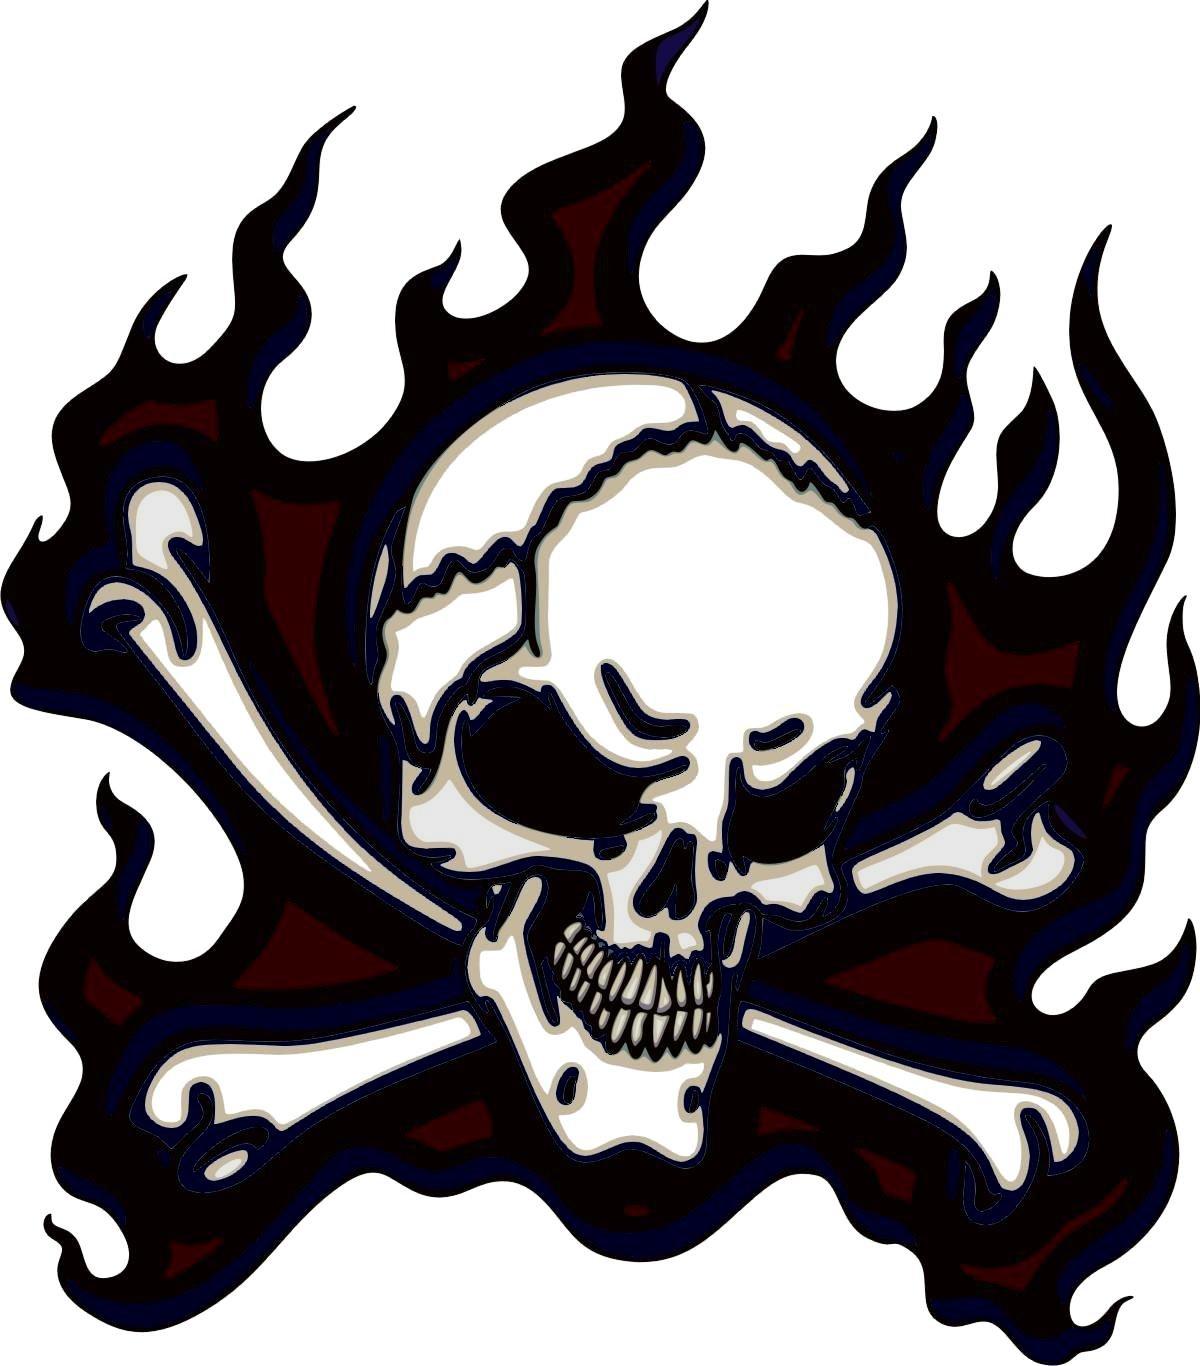 Autocollant pour voiture 8x 7cm Découpe contour Pirate Tête de Mort Flamme Pour Voiture Moto Housse ordinateur portable intérieur/extérieur